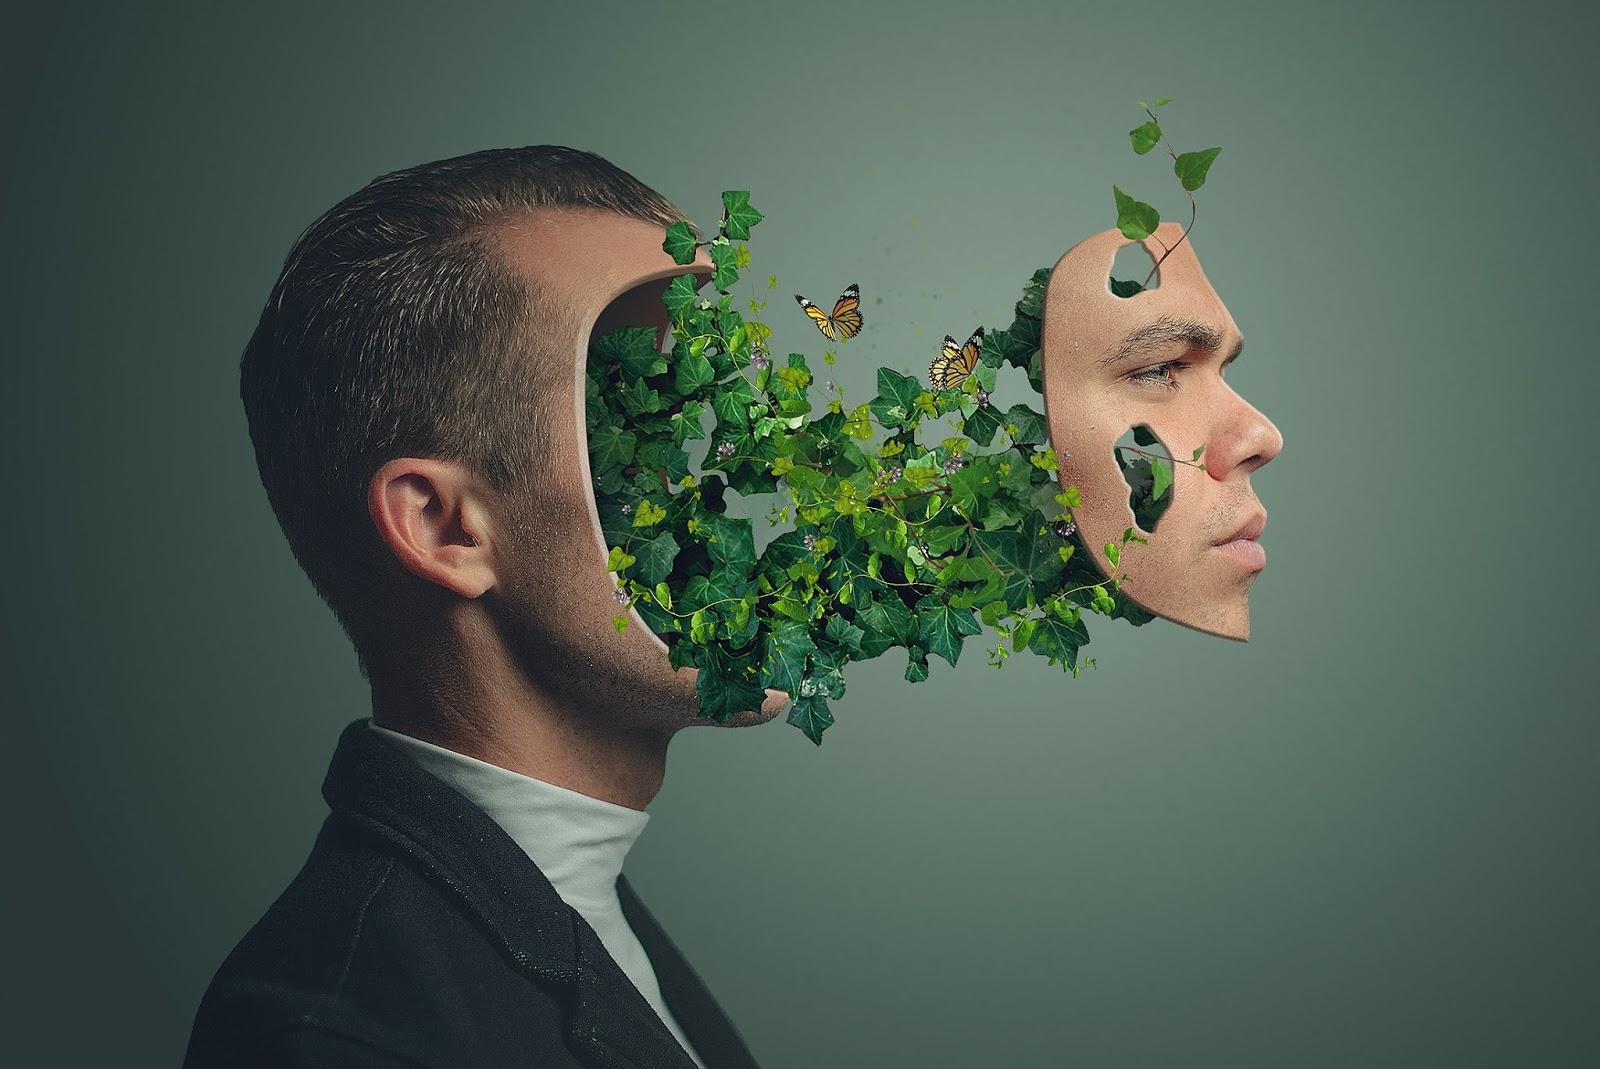 Plant Face Portrait Effect Photoshop Tutorial - rafy A